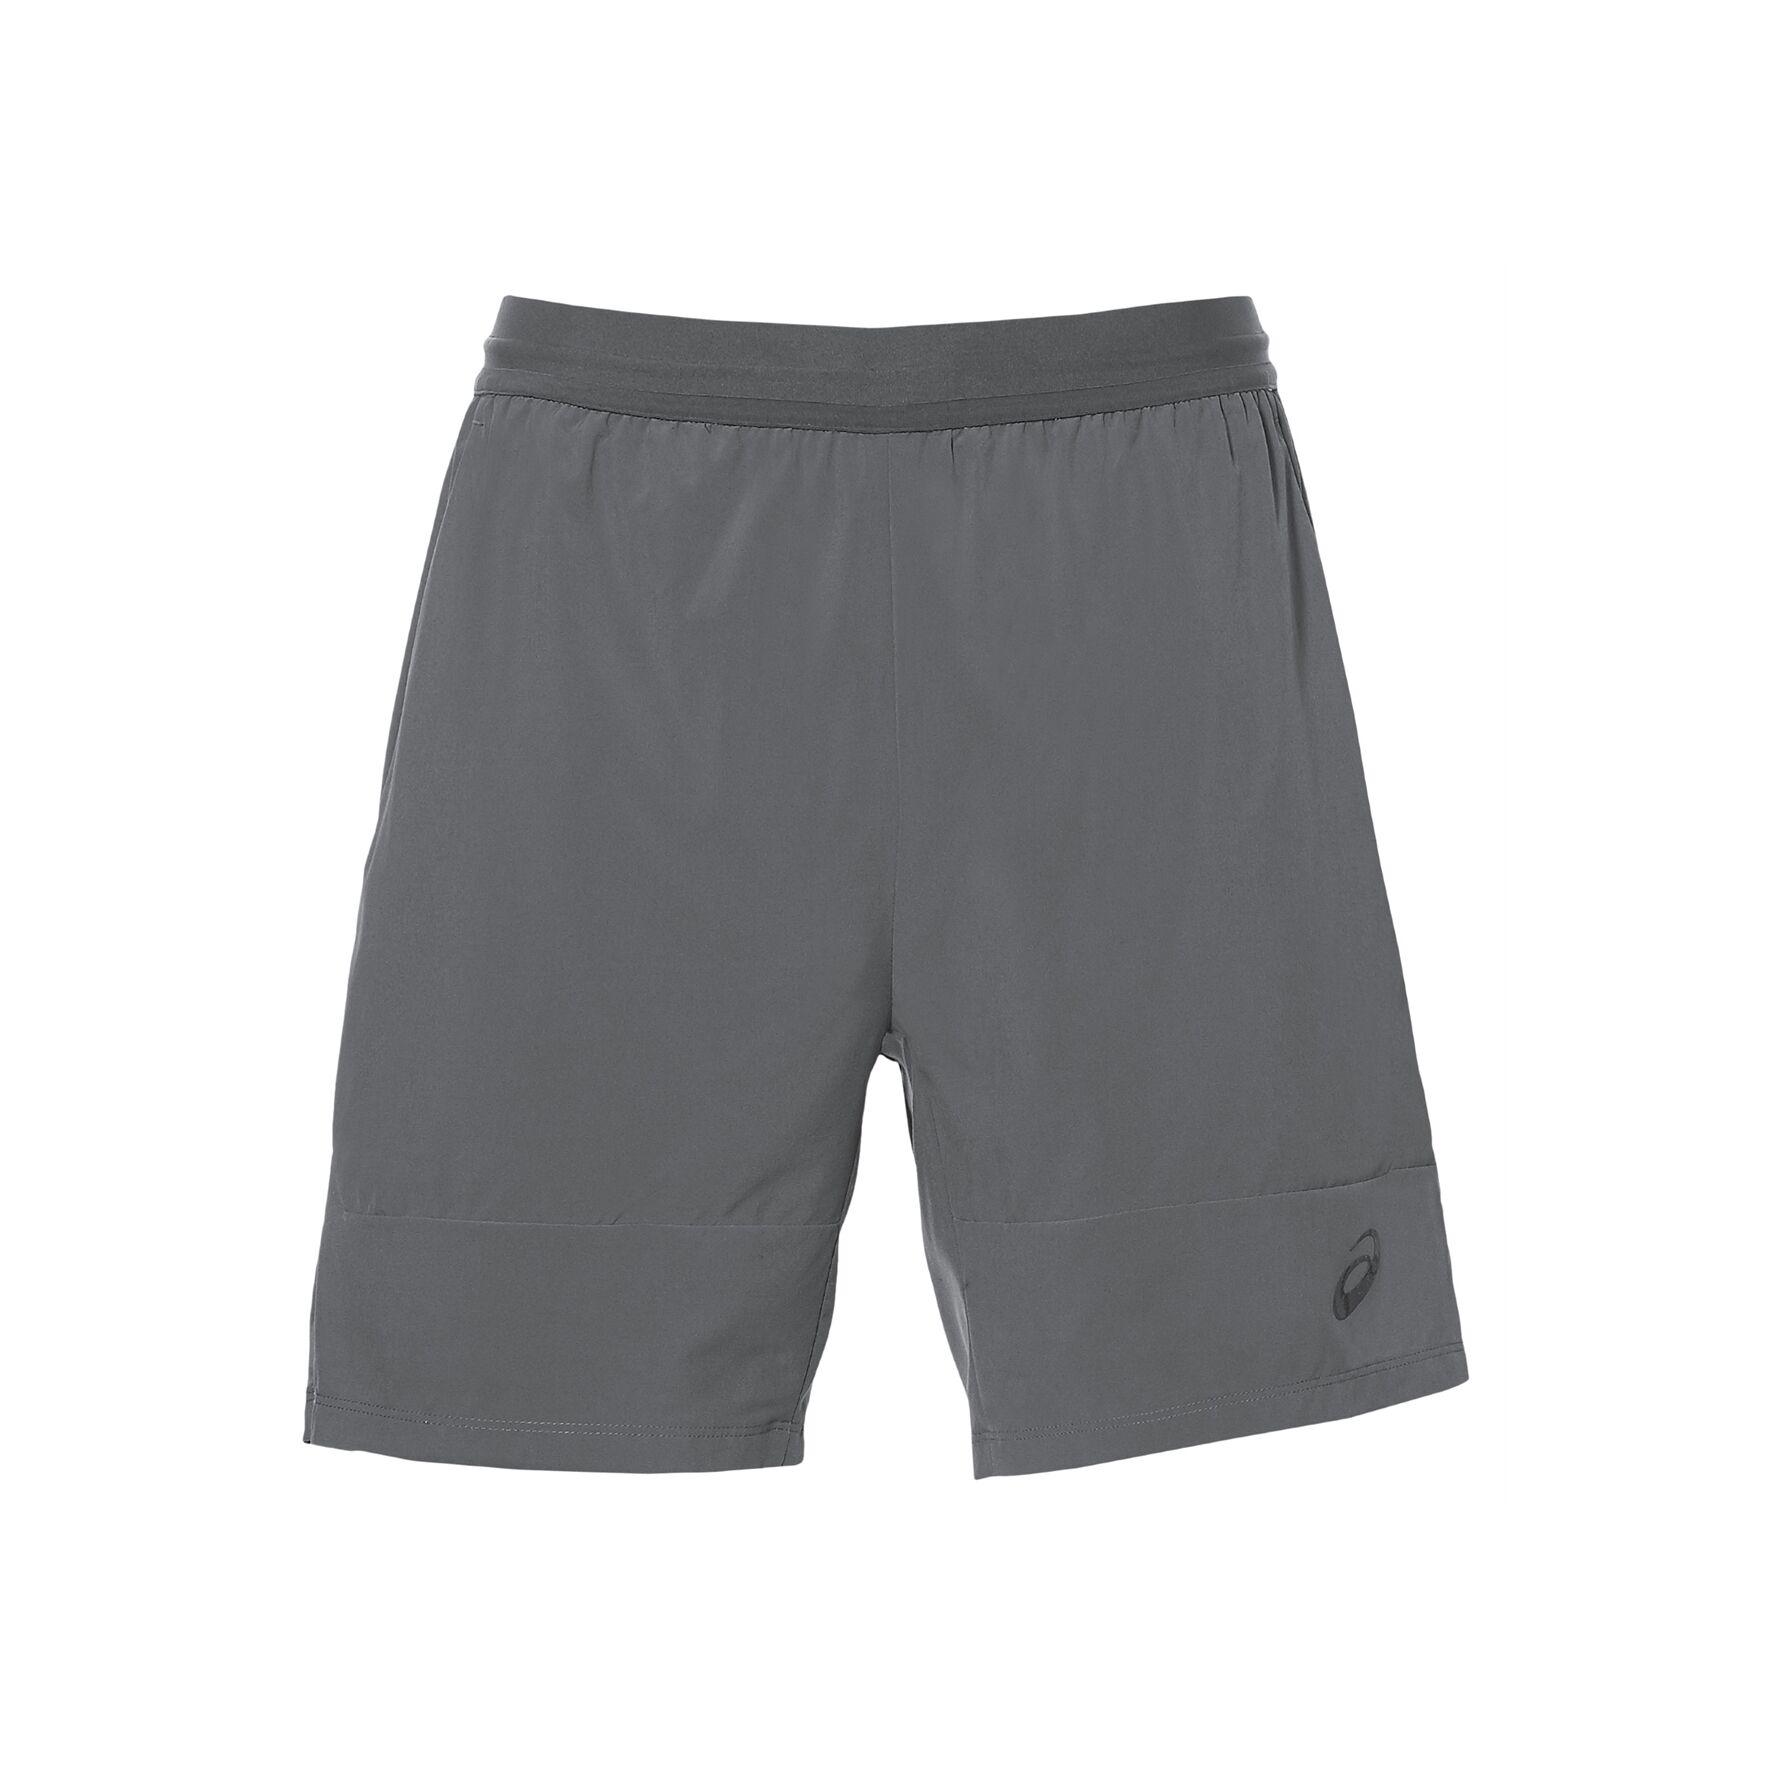 Asics Athlete Mens Short 7IN XL